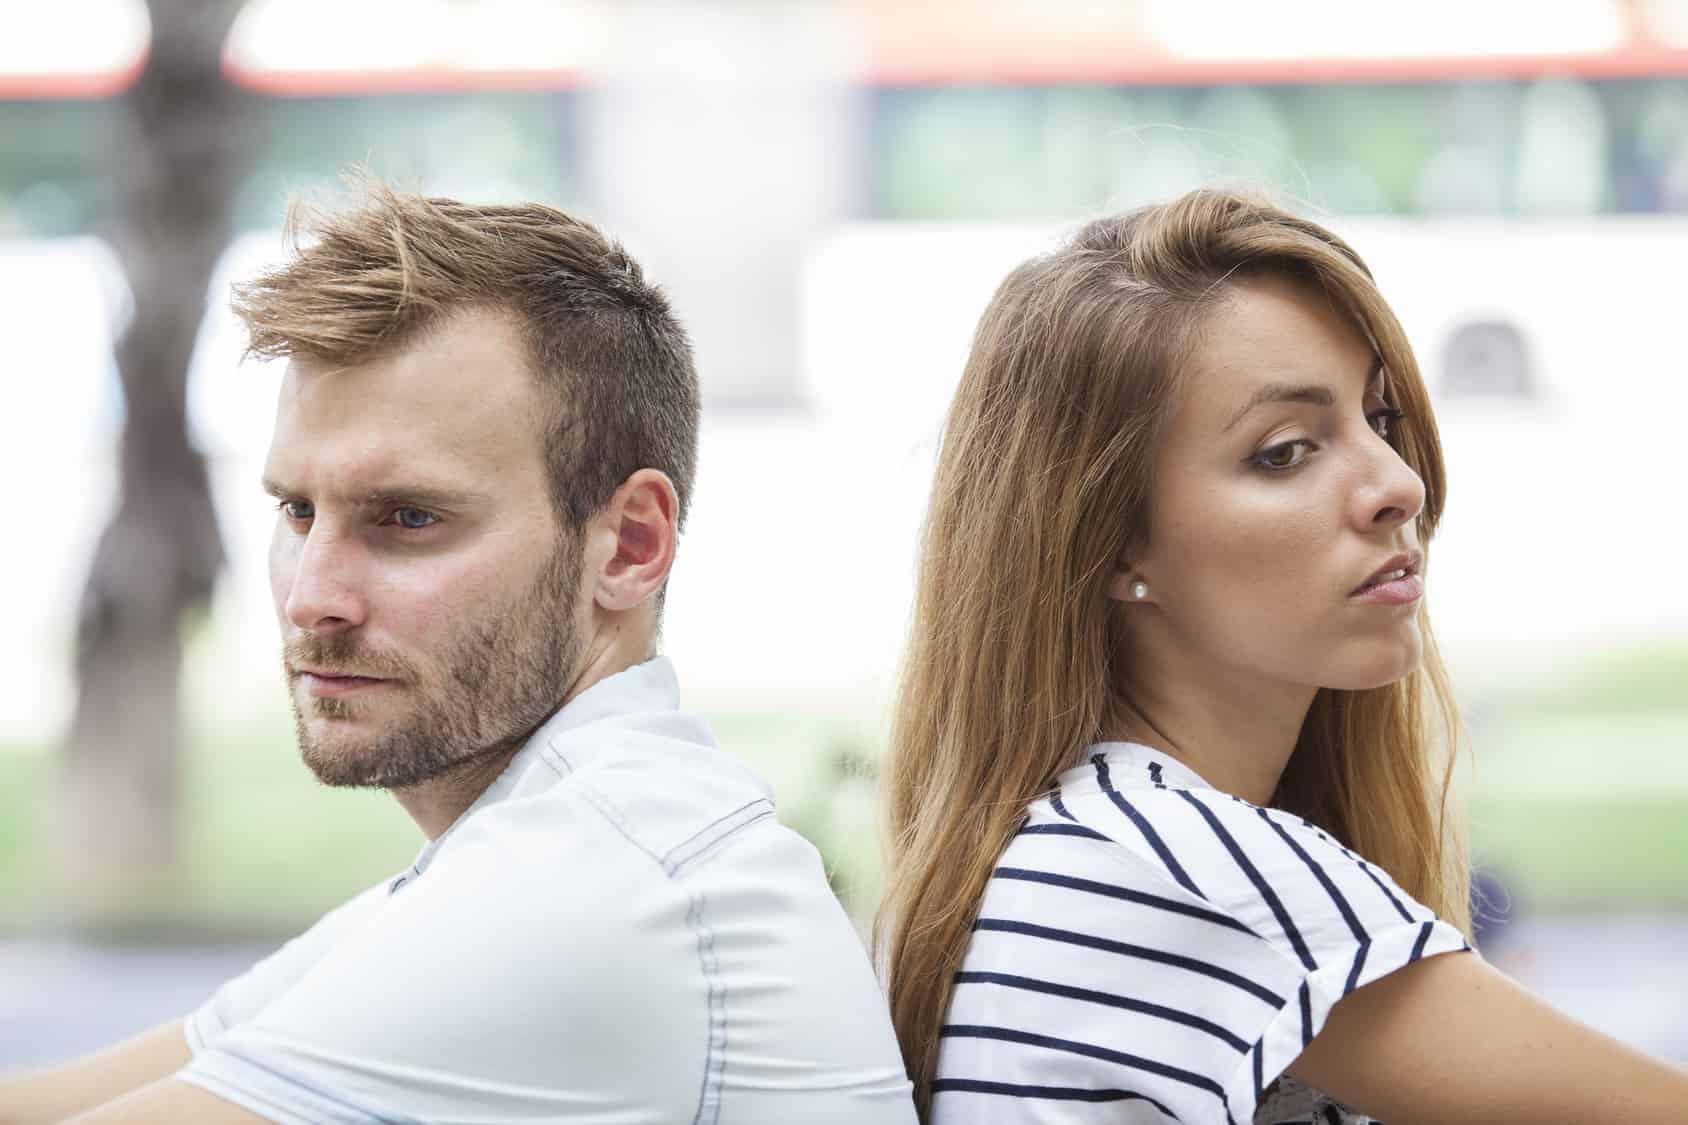 Ist es klug, Probleme in der Beziehung zu verdrängen?